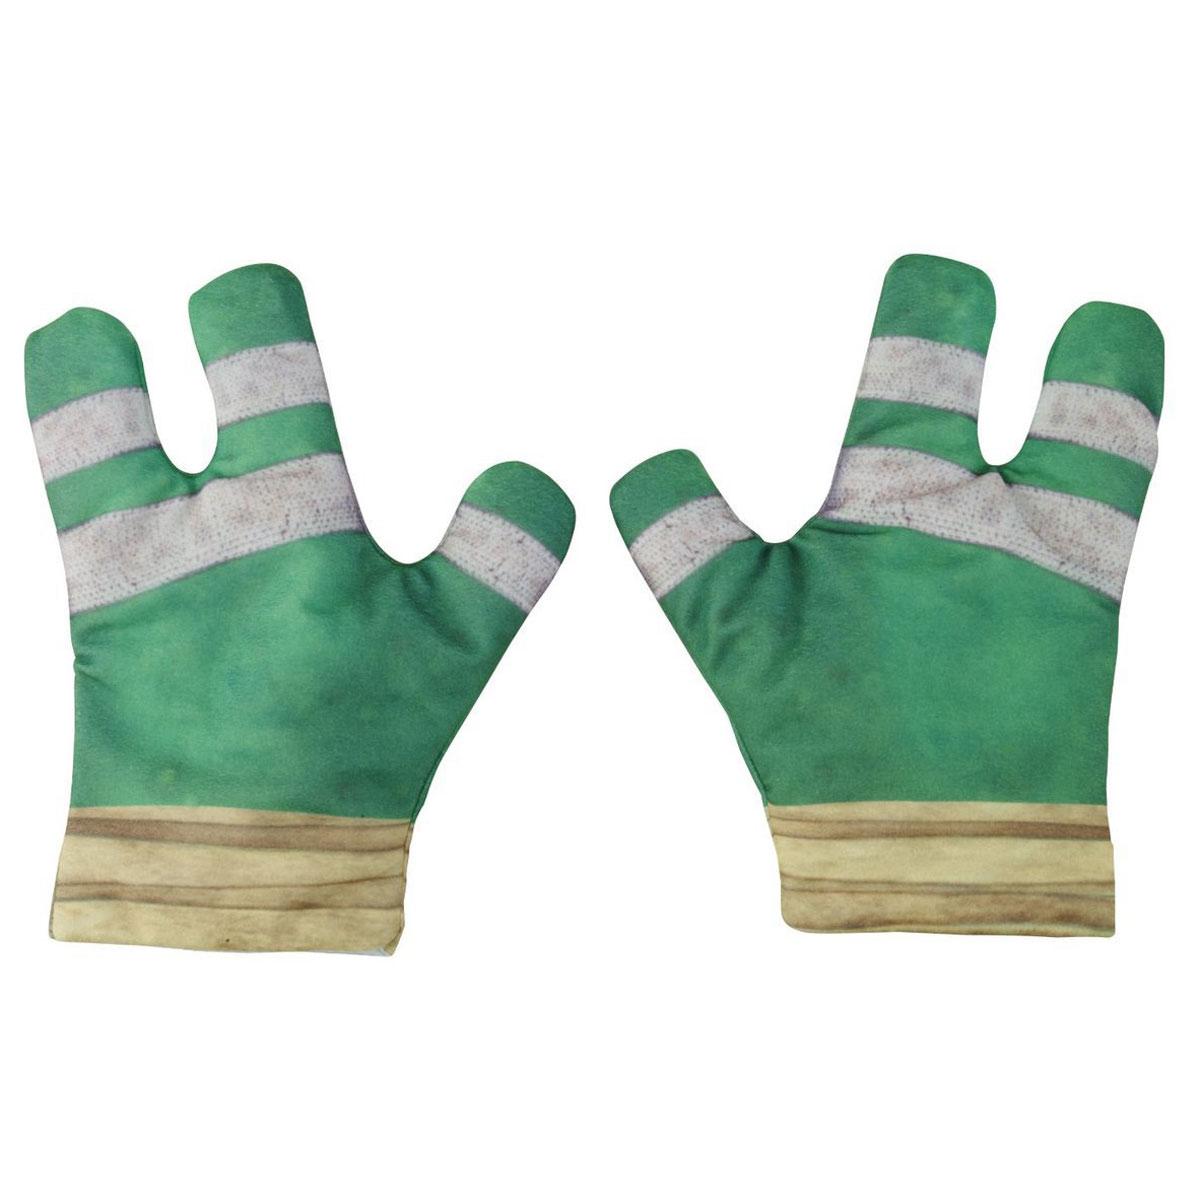 Черепашки Ниндзя Интерактивные трехпальцевые перчатки Черепашек-ниндзя Боевые ниндзя